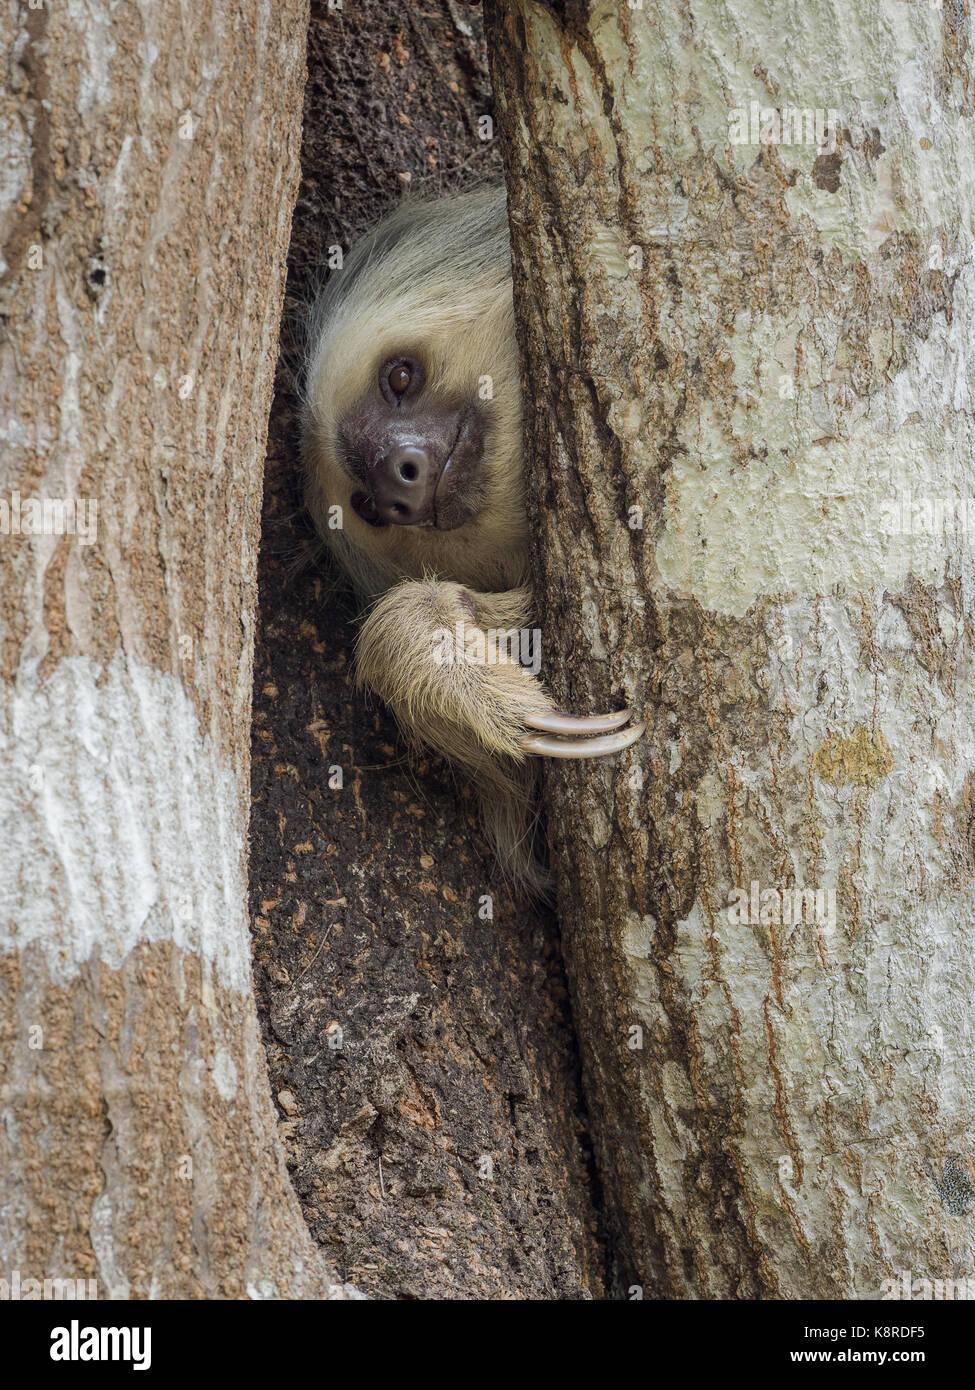 Hoffmann Zwei-toed Sloth (Choloepus hoffmanni), Panama, März Stockbild